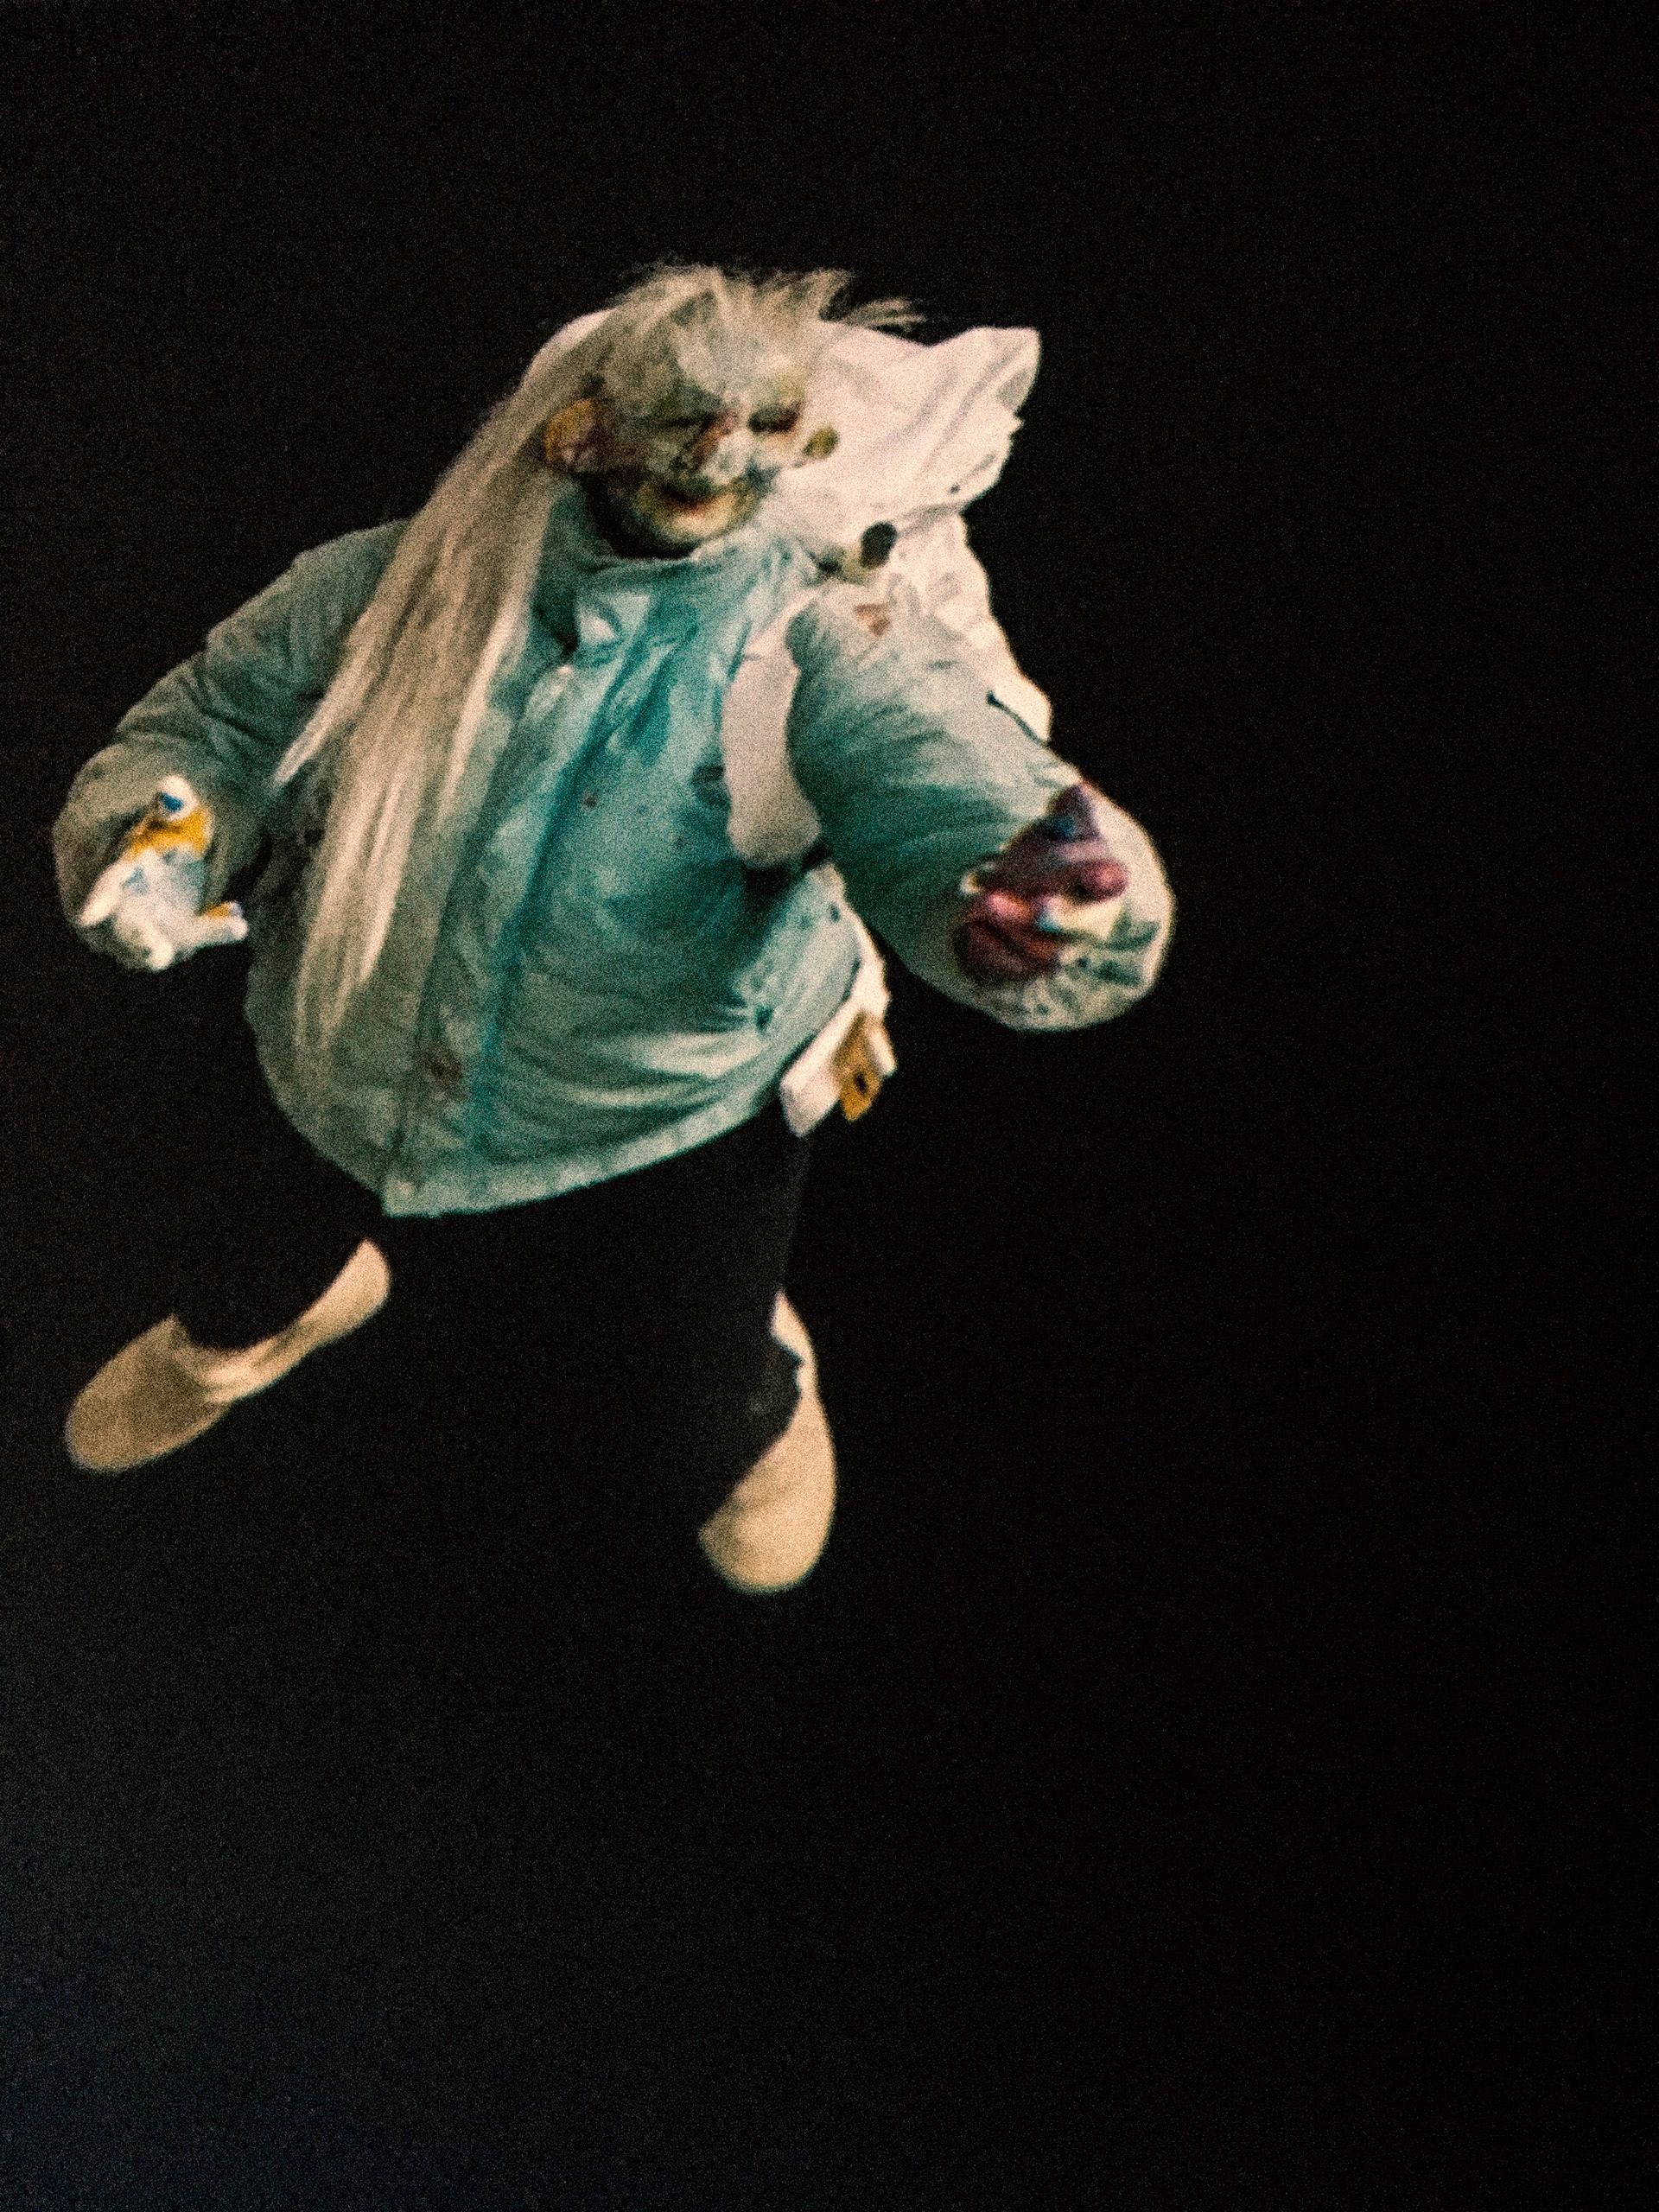 Zdjęcie przedstawia dziwną baśniową postać na czarnym tle.